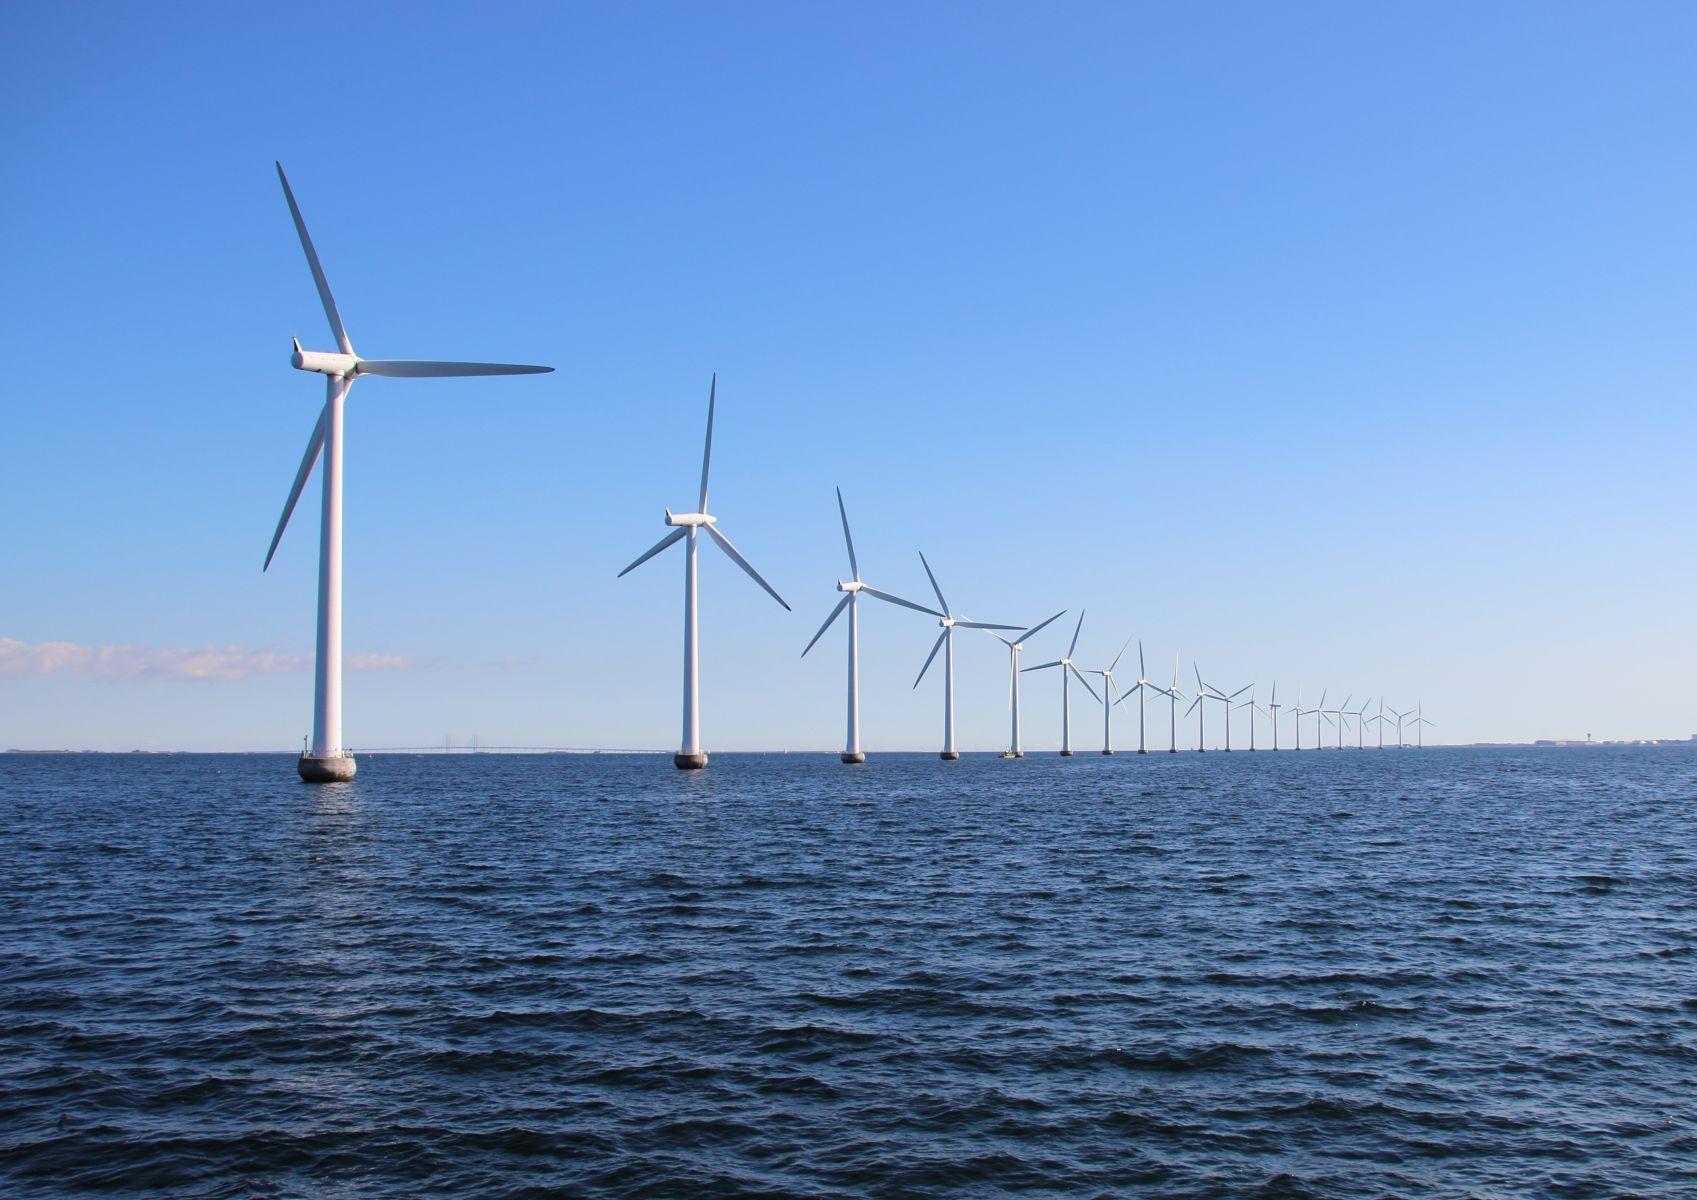 離岸風電是什麼東西?可以吃嗎?